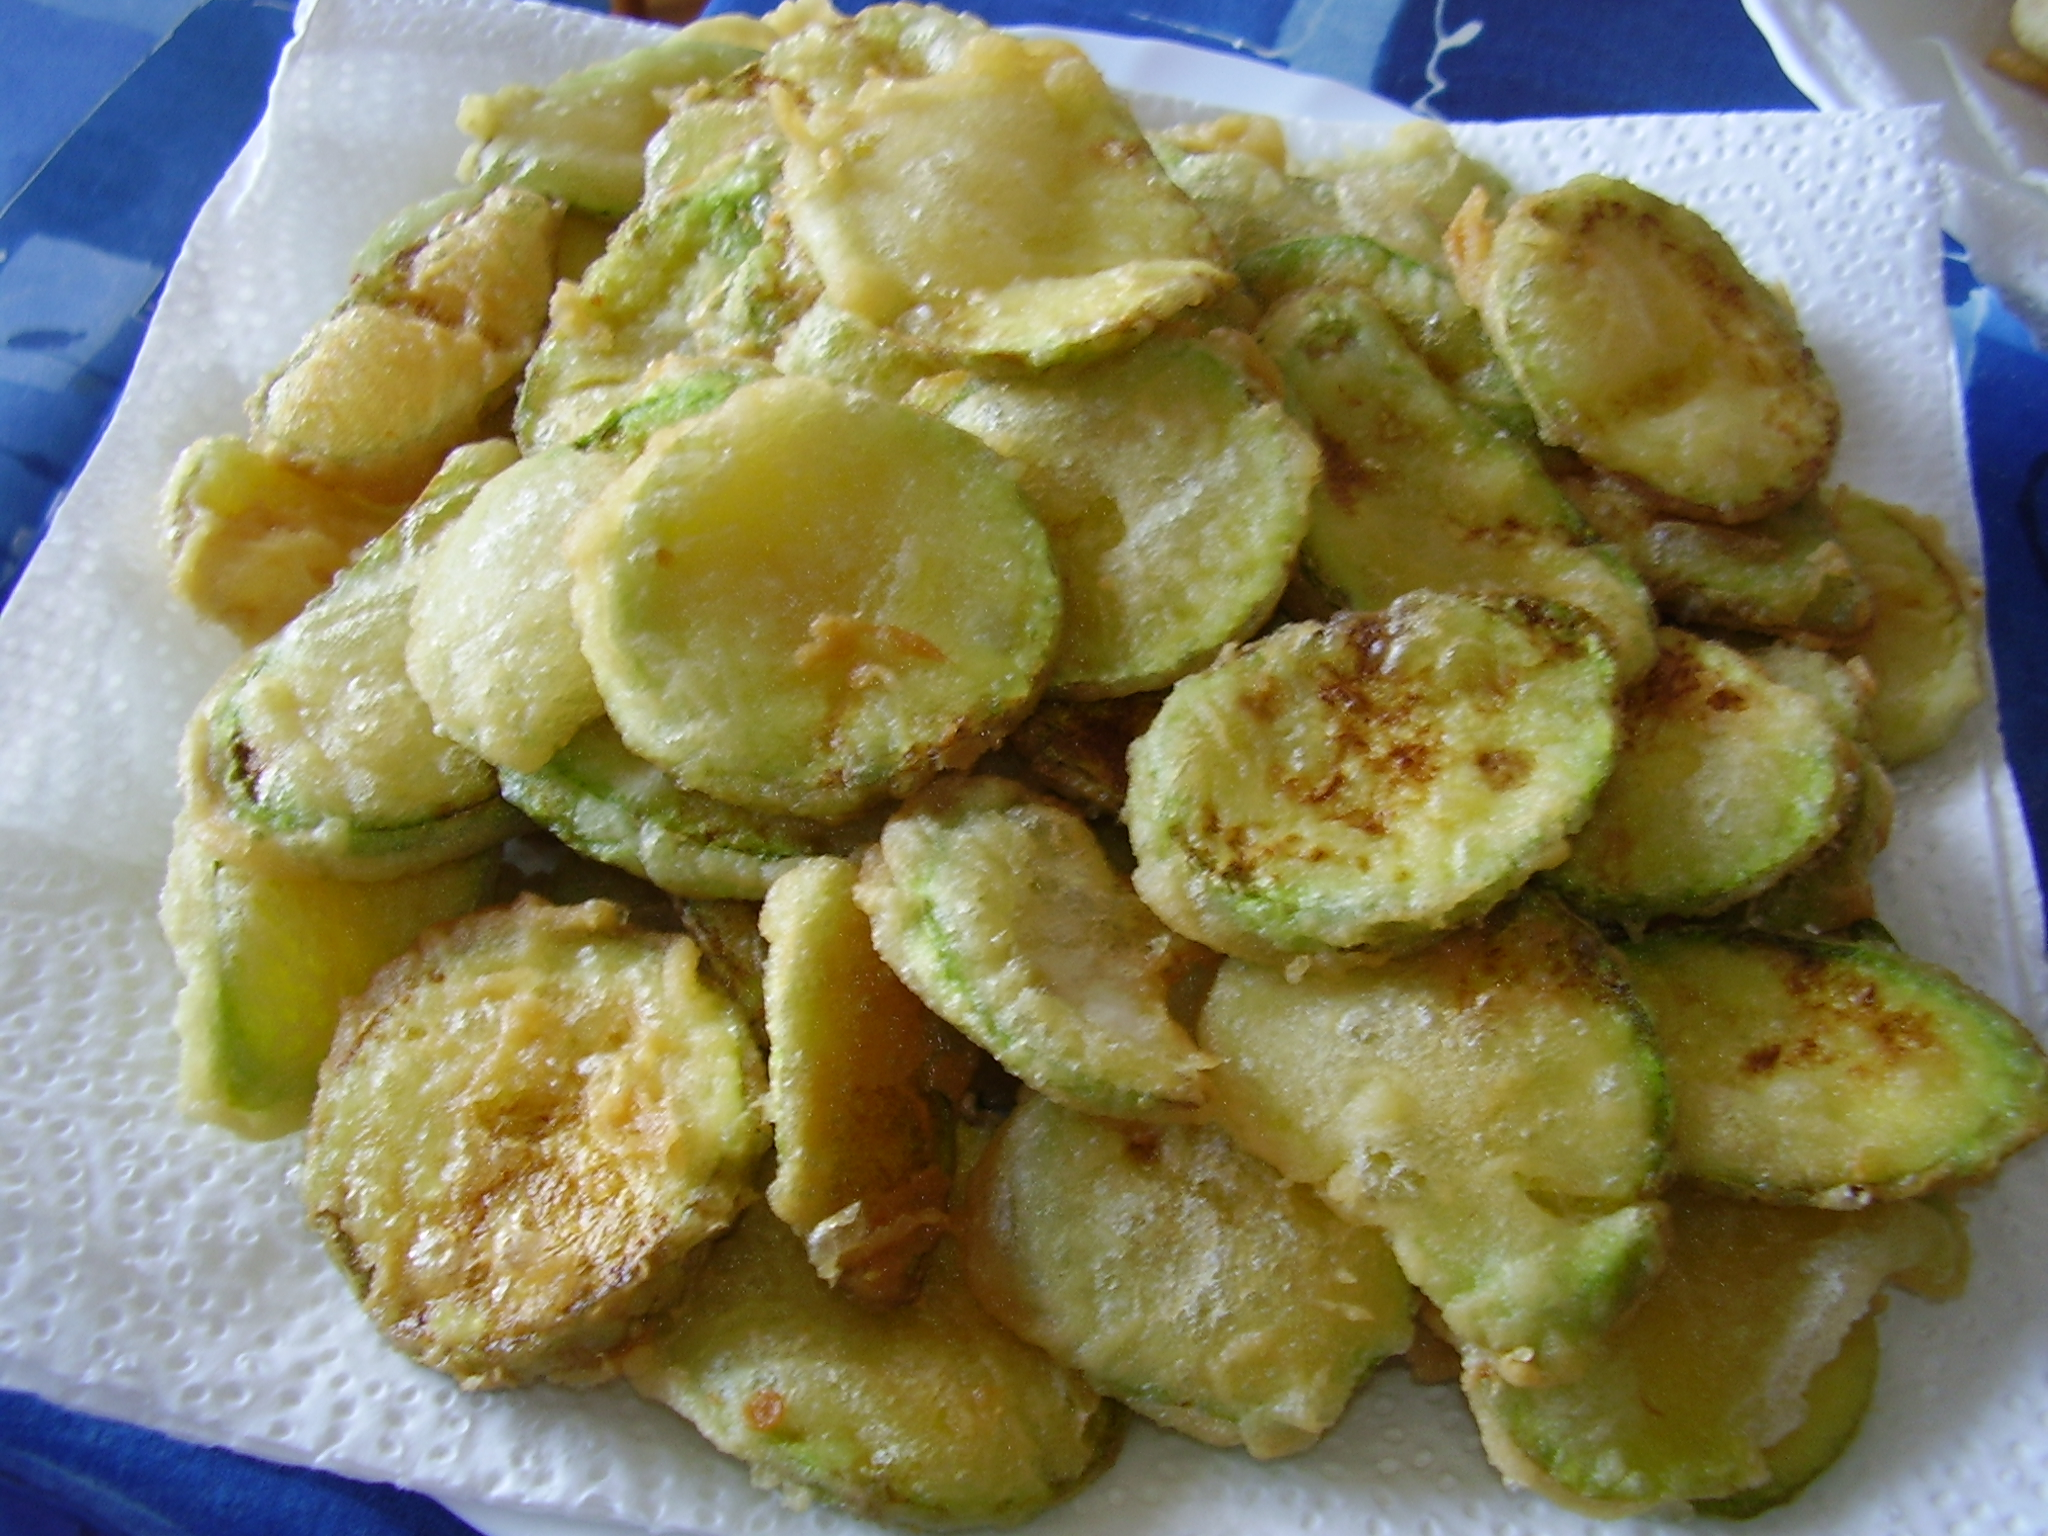 Ricetta Zucchine Trombetta.Zucchine Fritte Un Modo Diverso Per Mangiare Le Zucchine